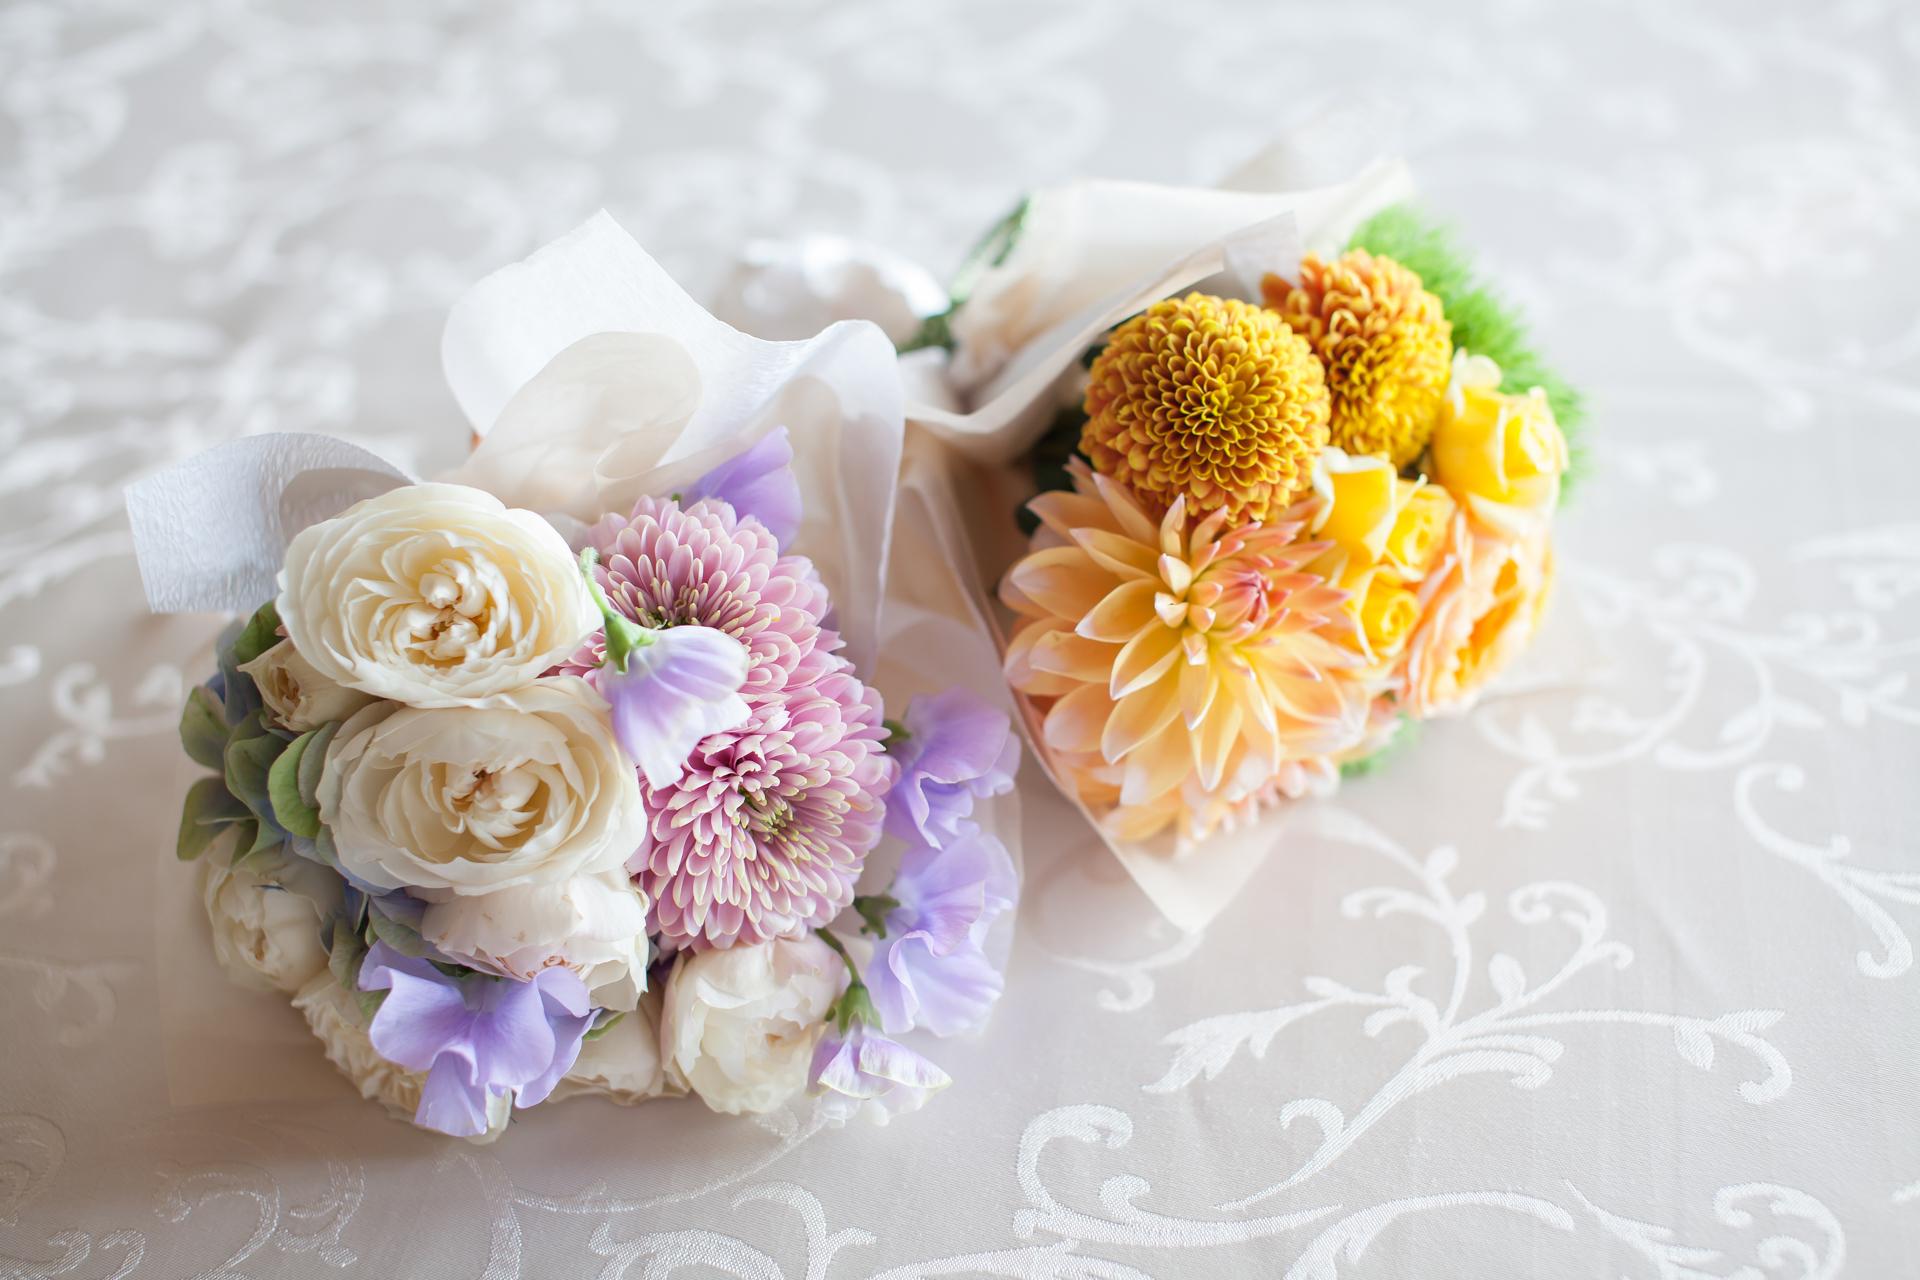 淡いピンク色の花束と黄色の可愛らしい花束